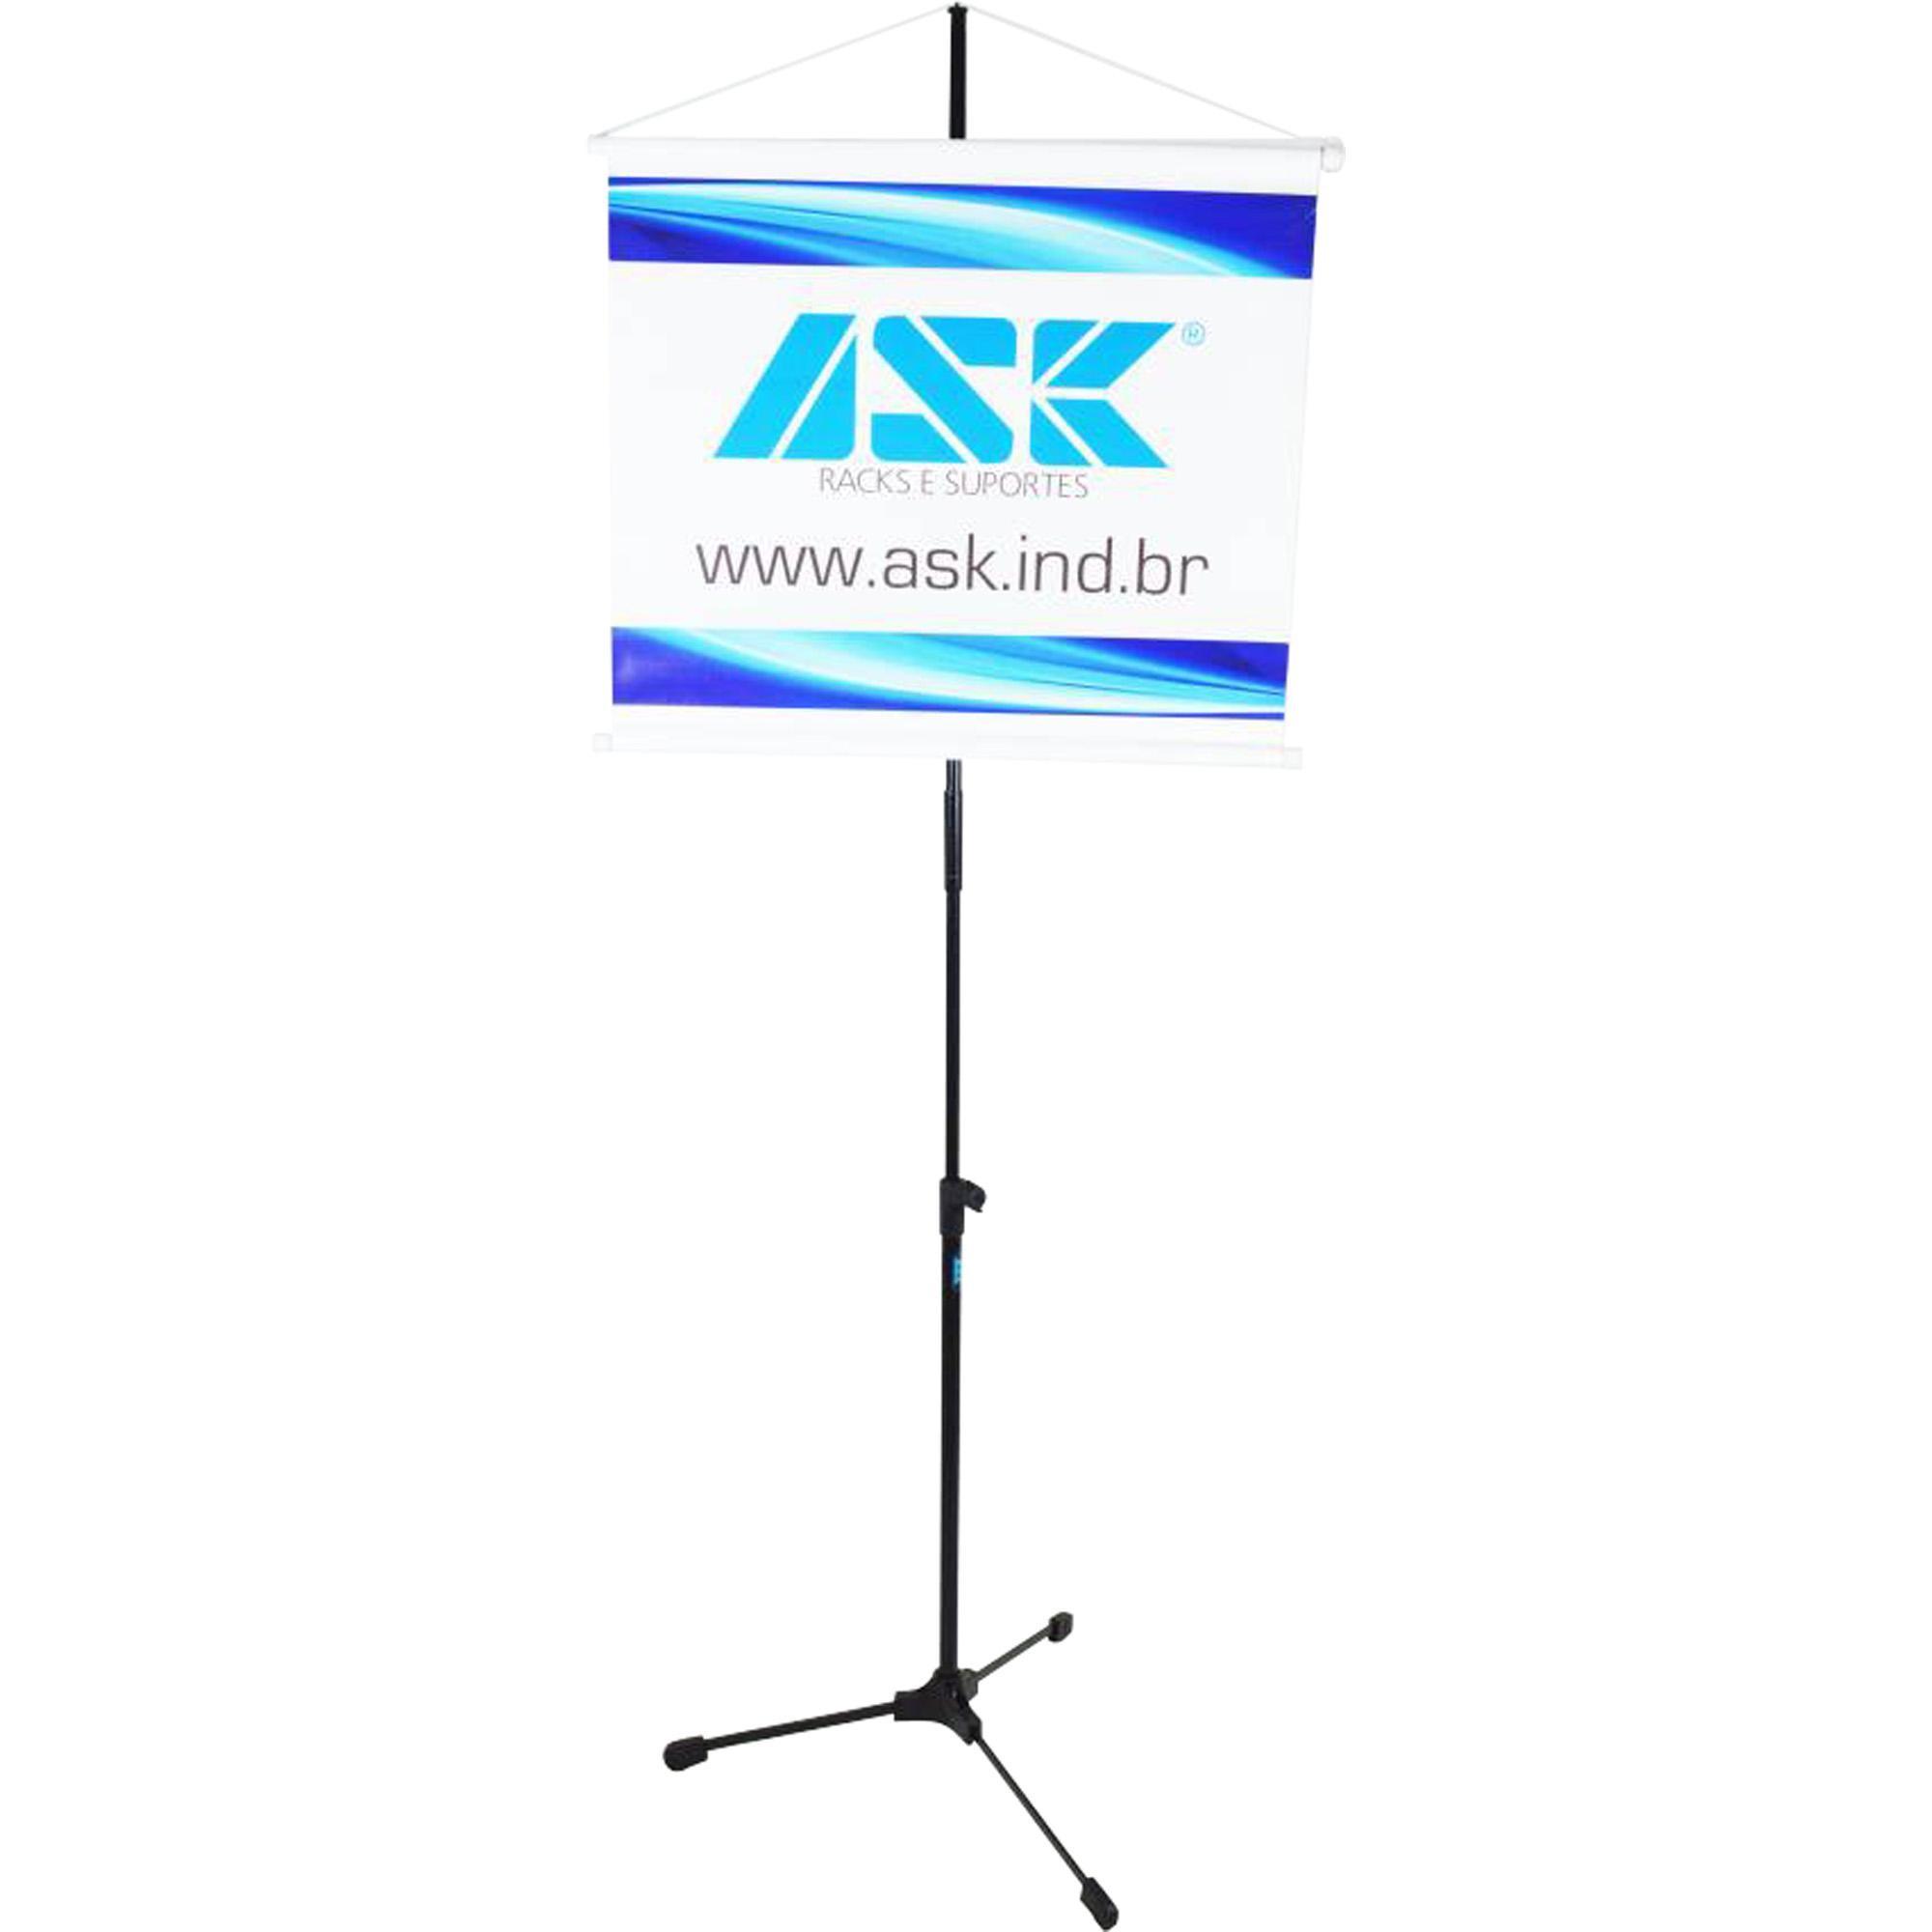 Pedestal Para Banner Com Tripé Retrátil e Extensor Removível